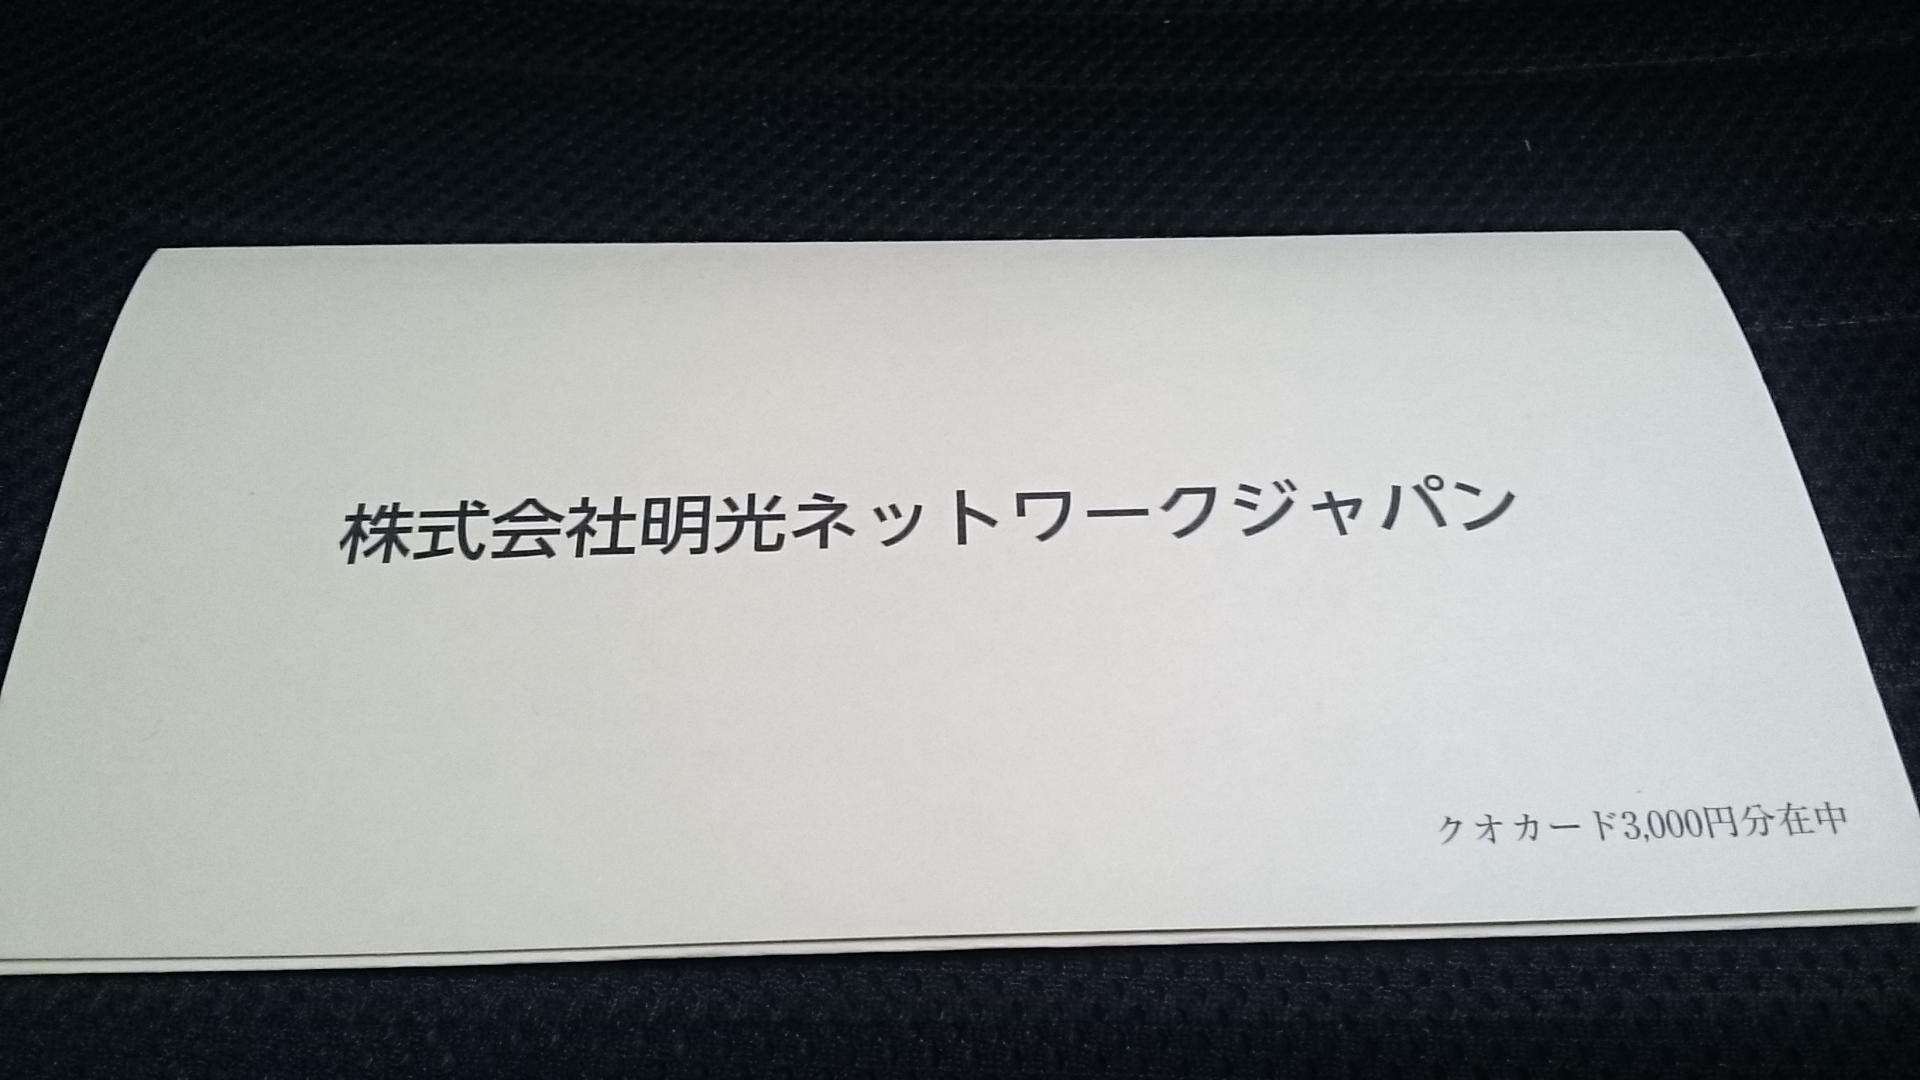 明光ネットワークジャパン【4668】からクオカード到着2018